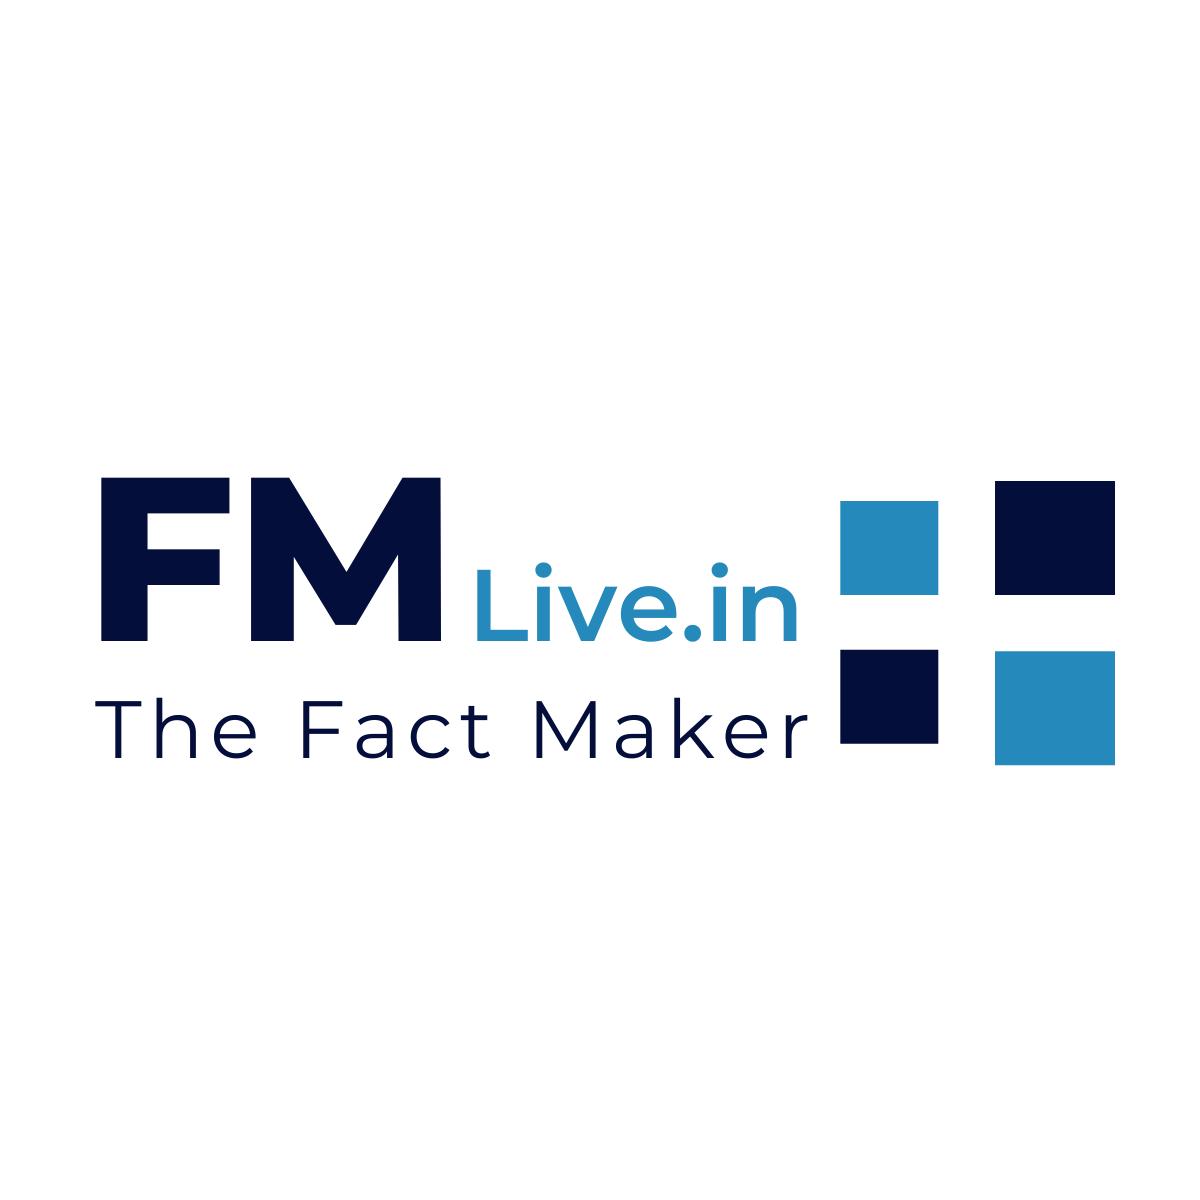 FM Live